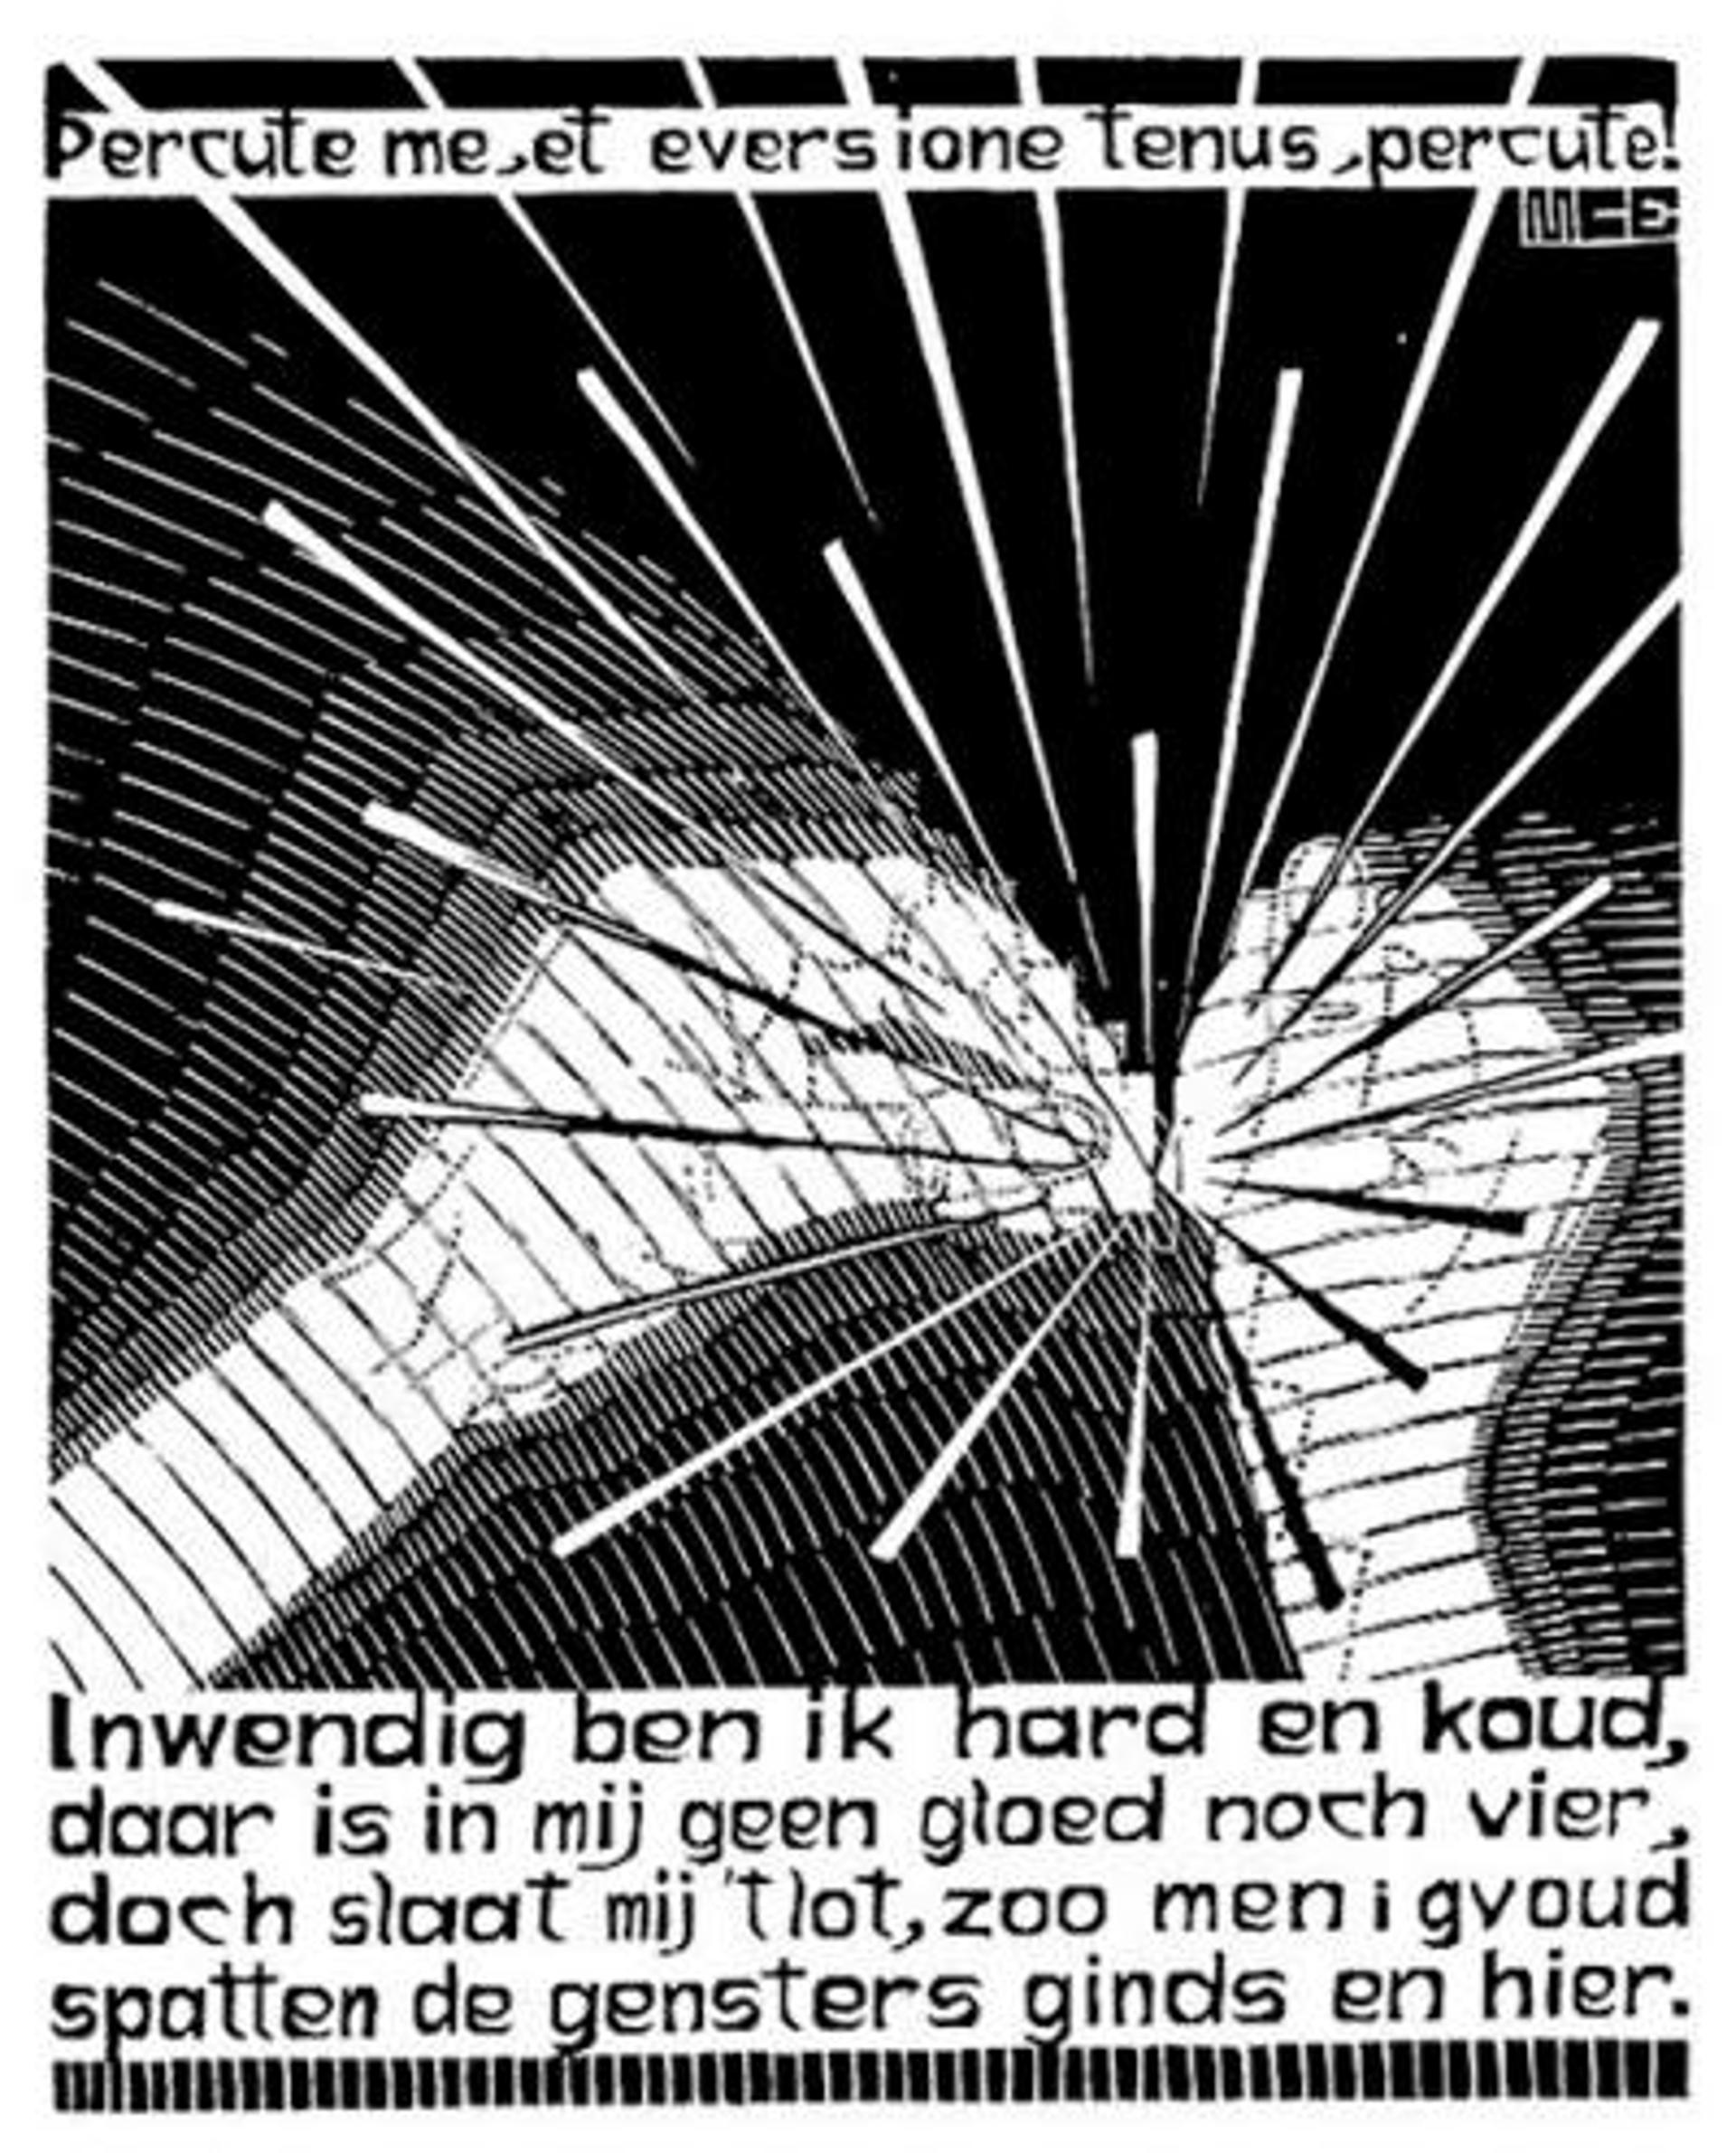 Emblemata - Flint by M.C. Escher